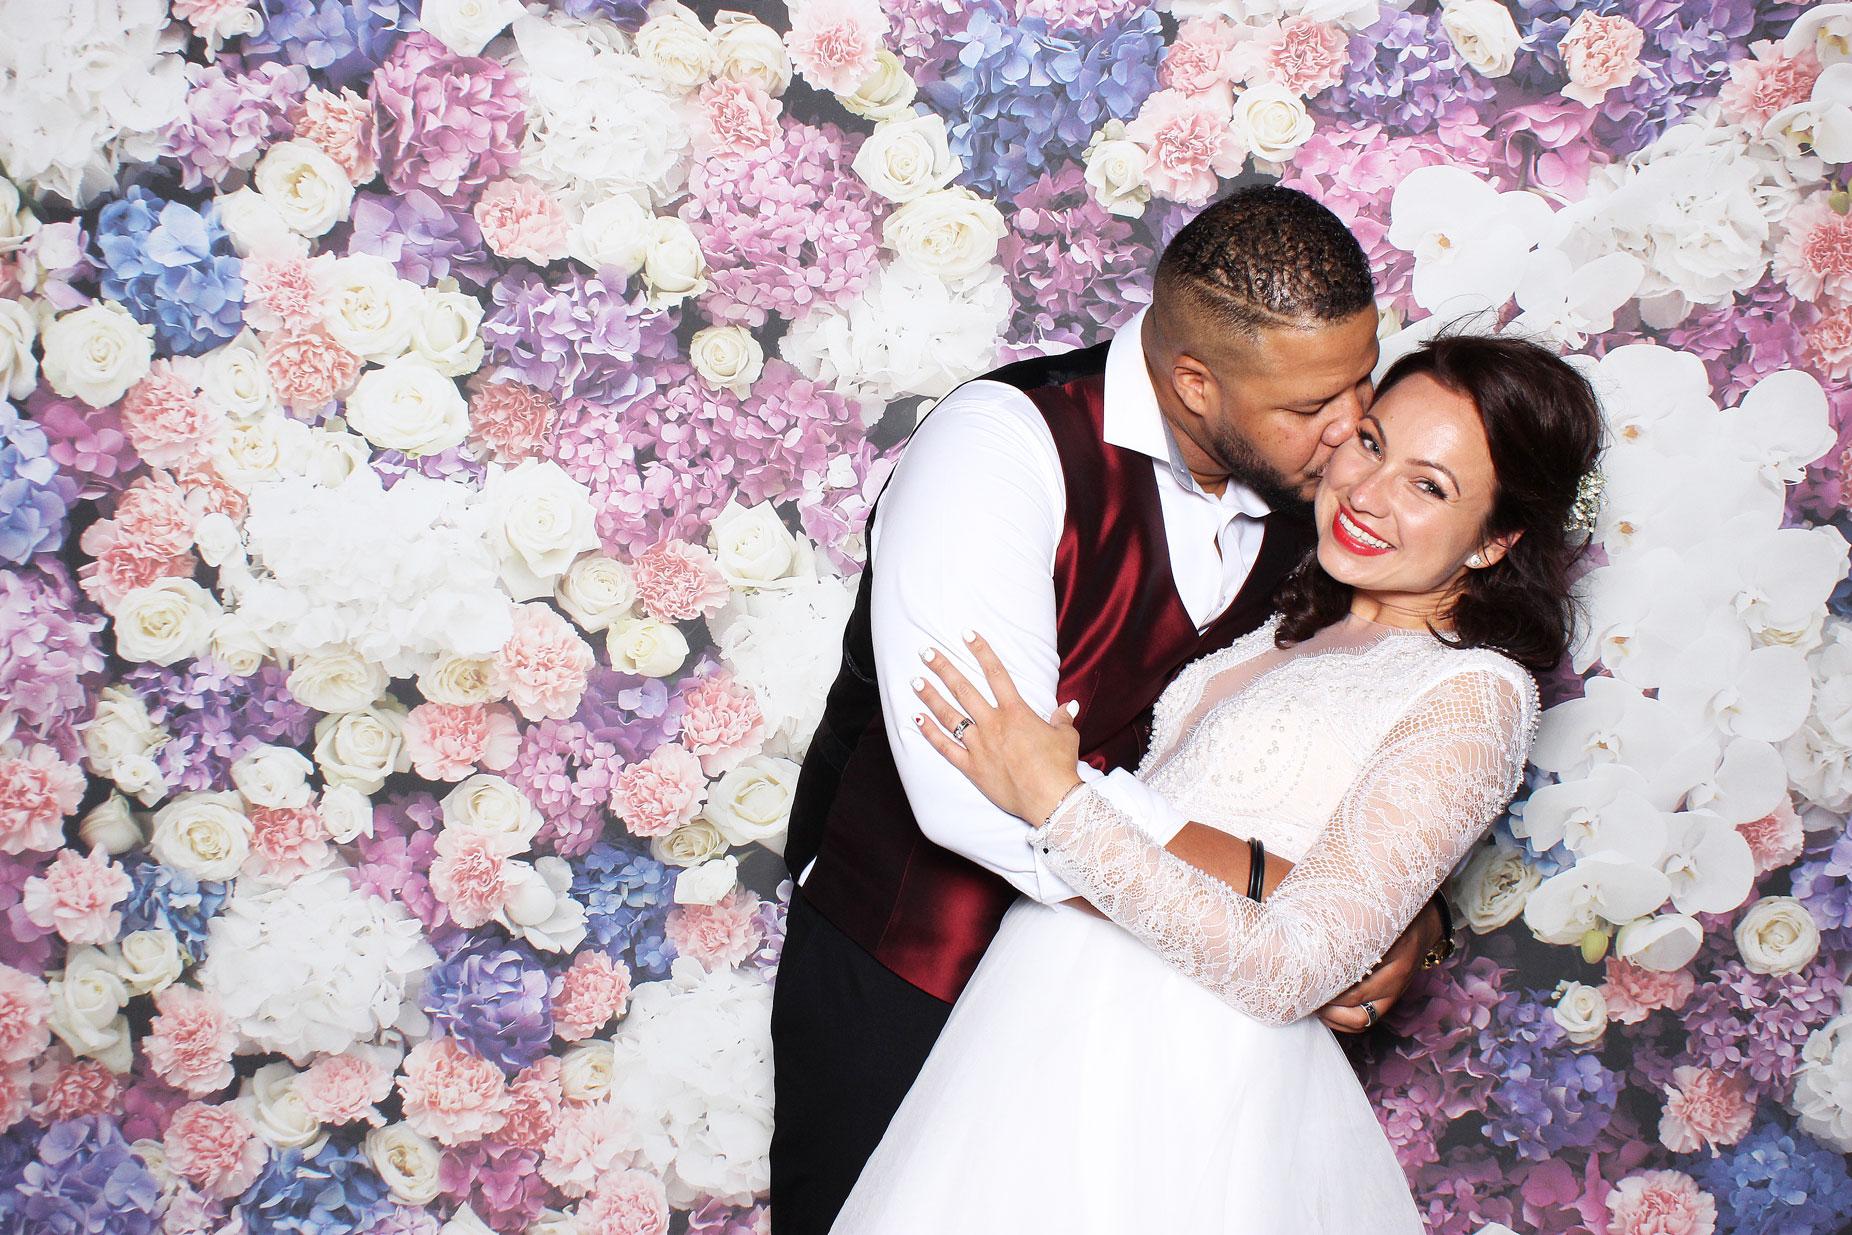 Fotostena Flowers - kvetinové pozadie pre svadobný fotokútik.